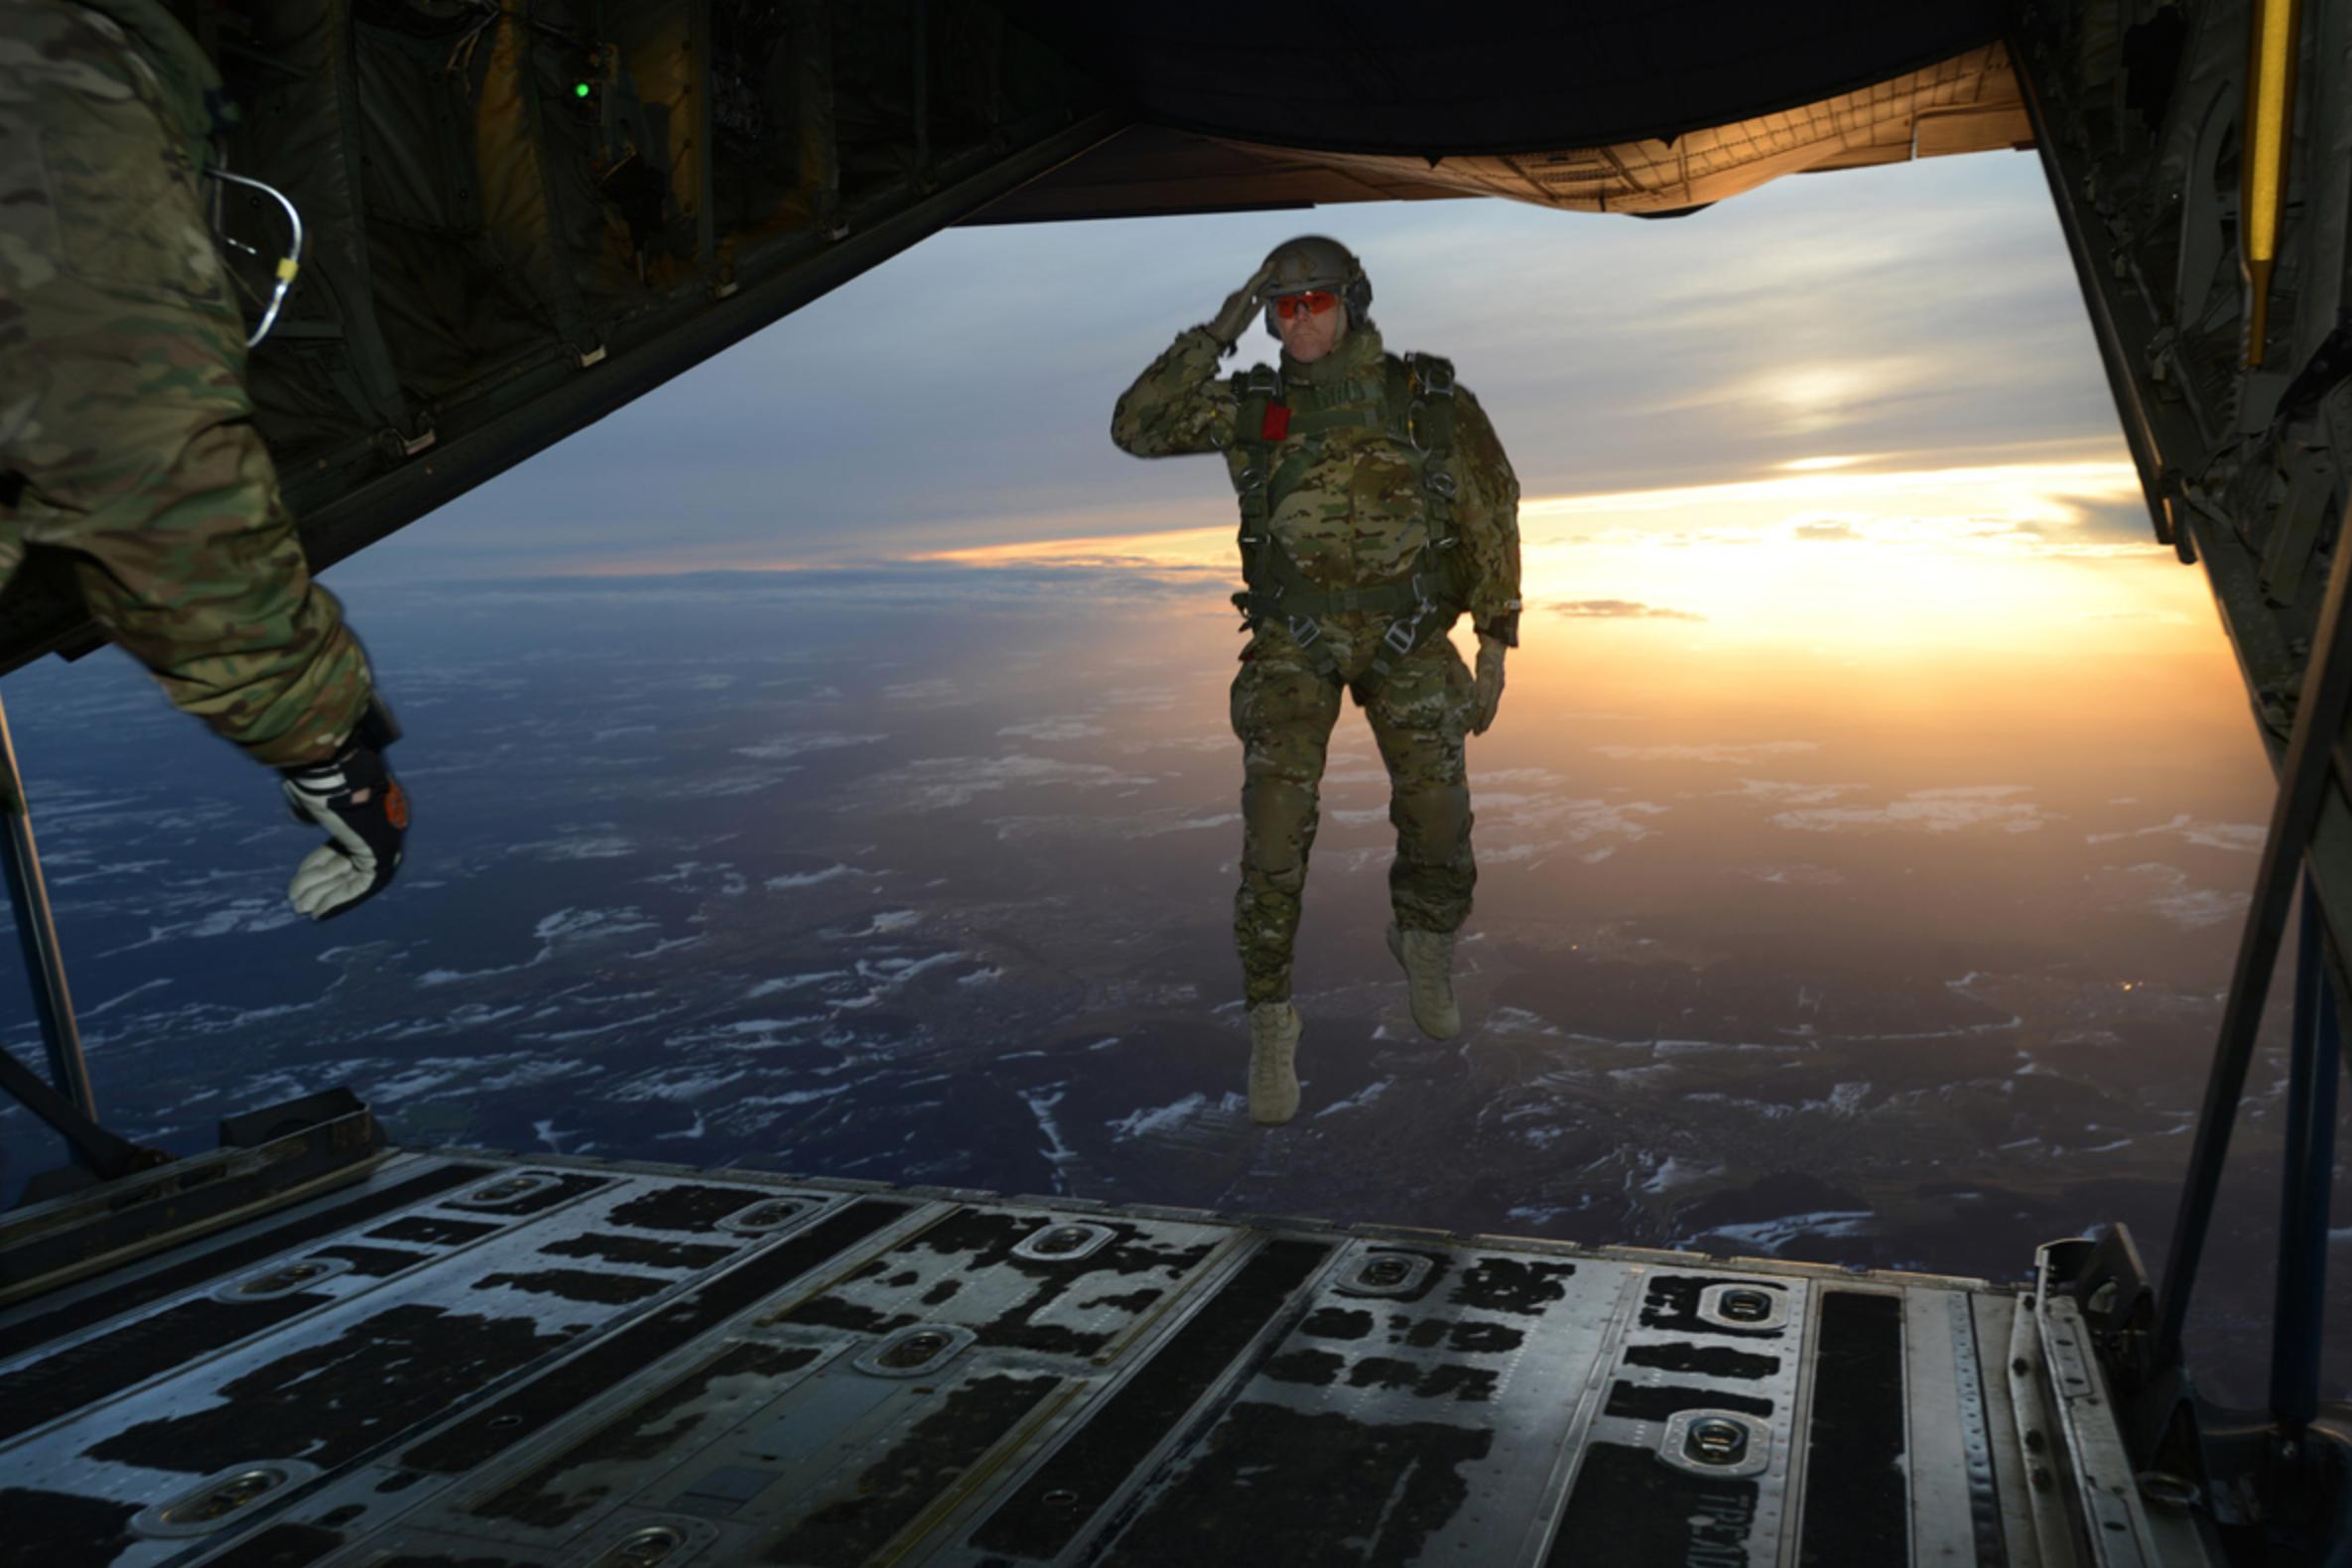 Airborne salute